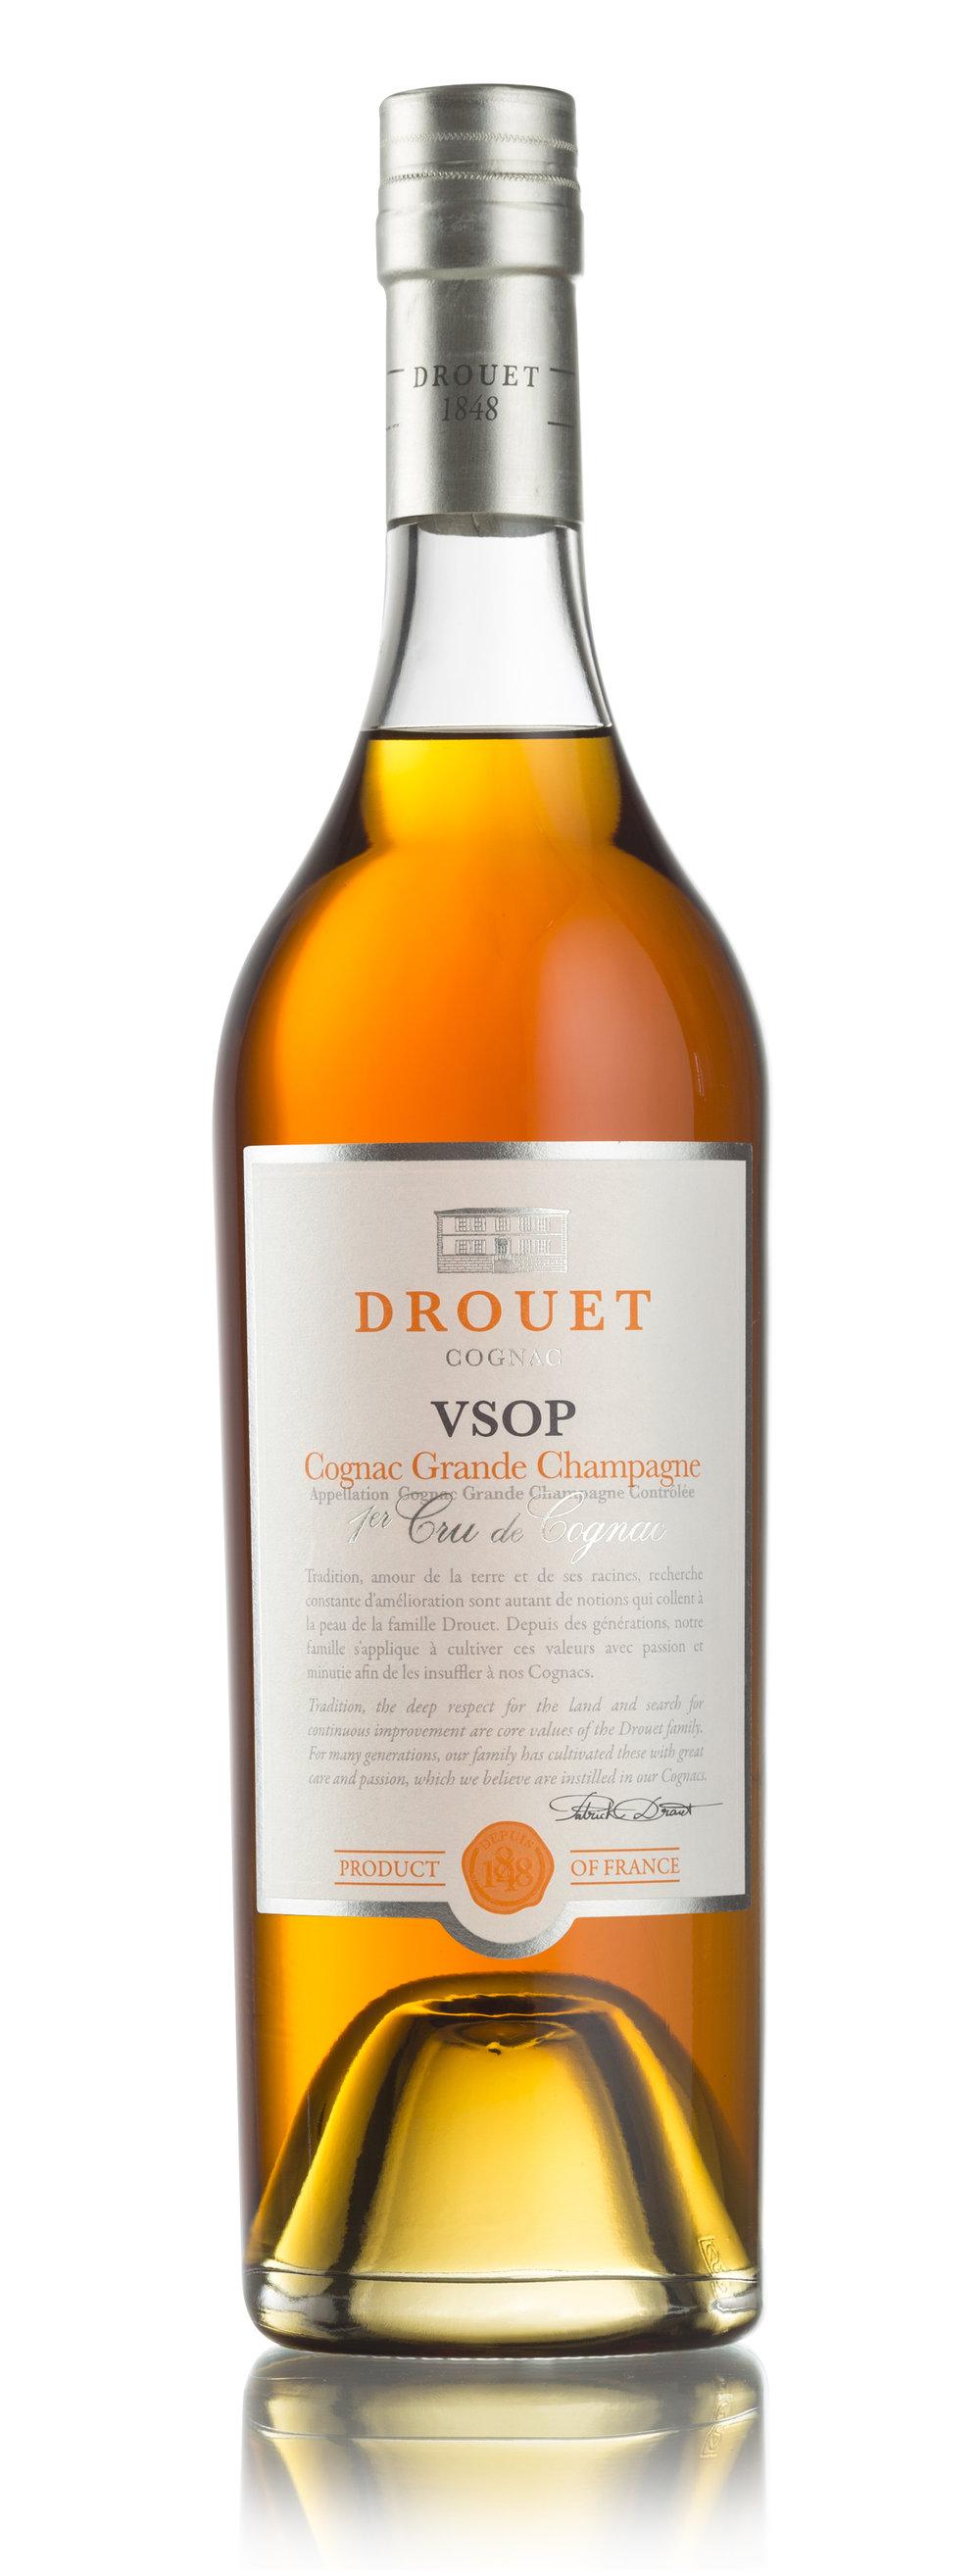 DROUET_VSOP.jpg